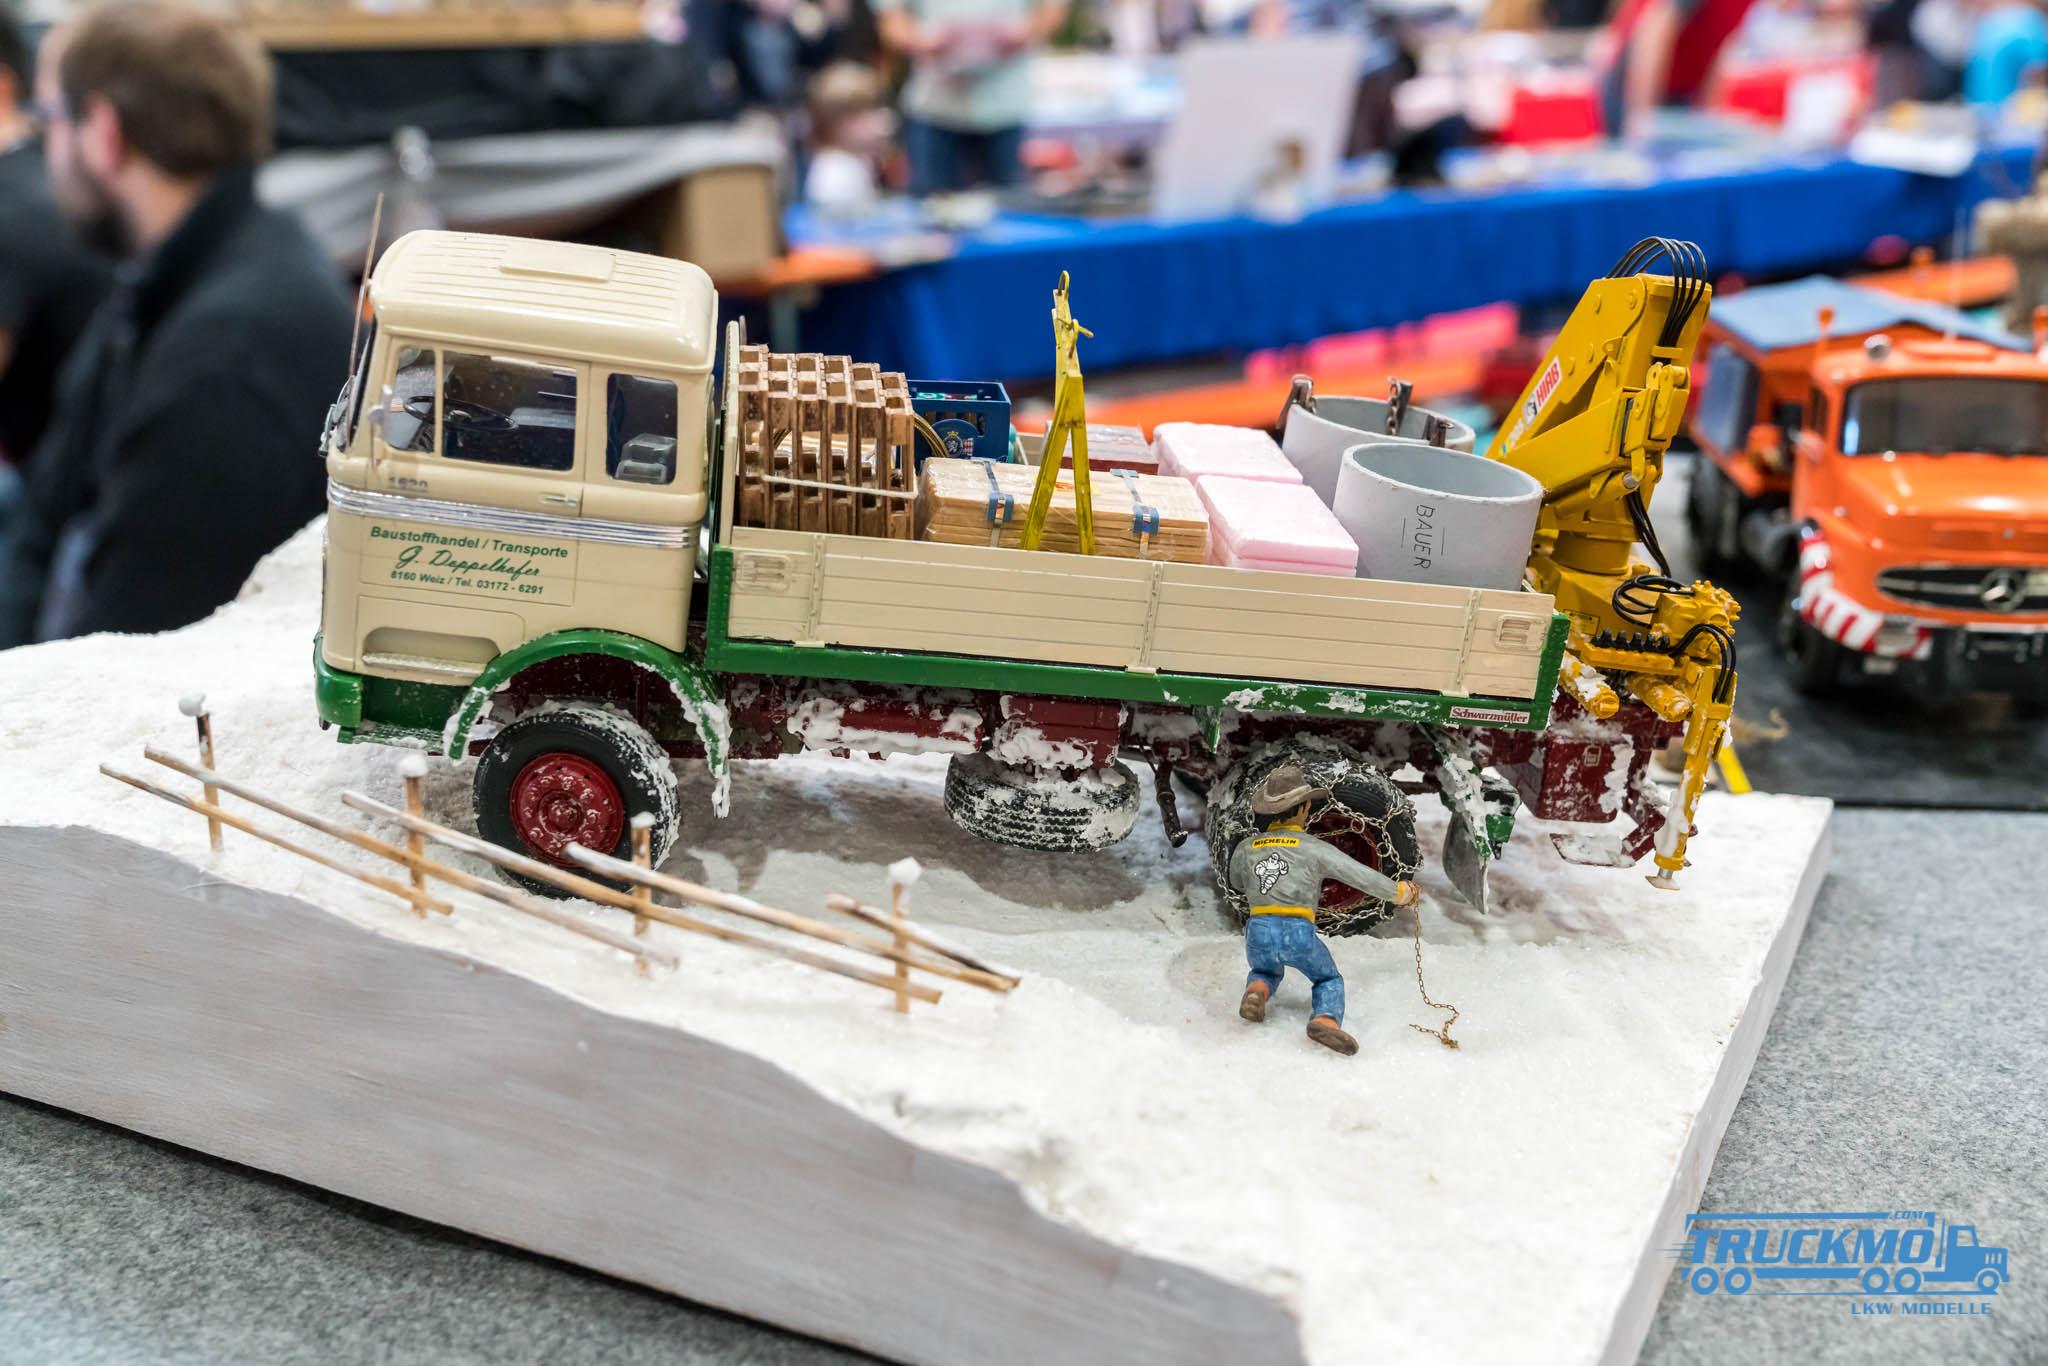 Truckmo_Modellbau_Ried_2017_Herpa_Messe_Modellbauausstellung (308 von 1177)